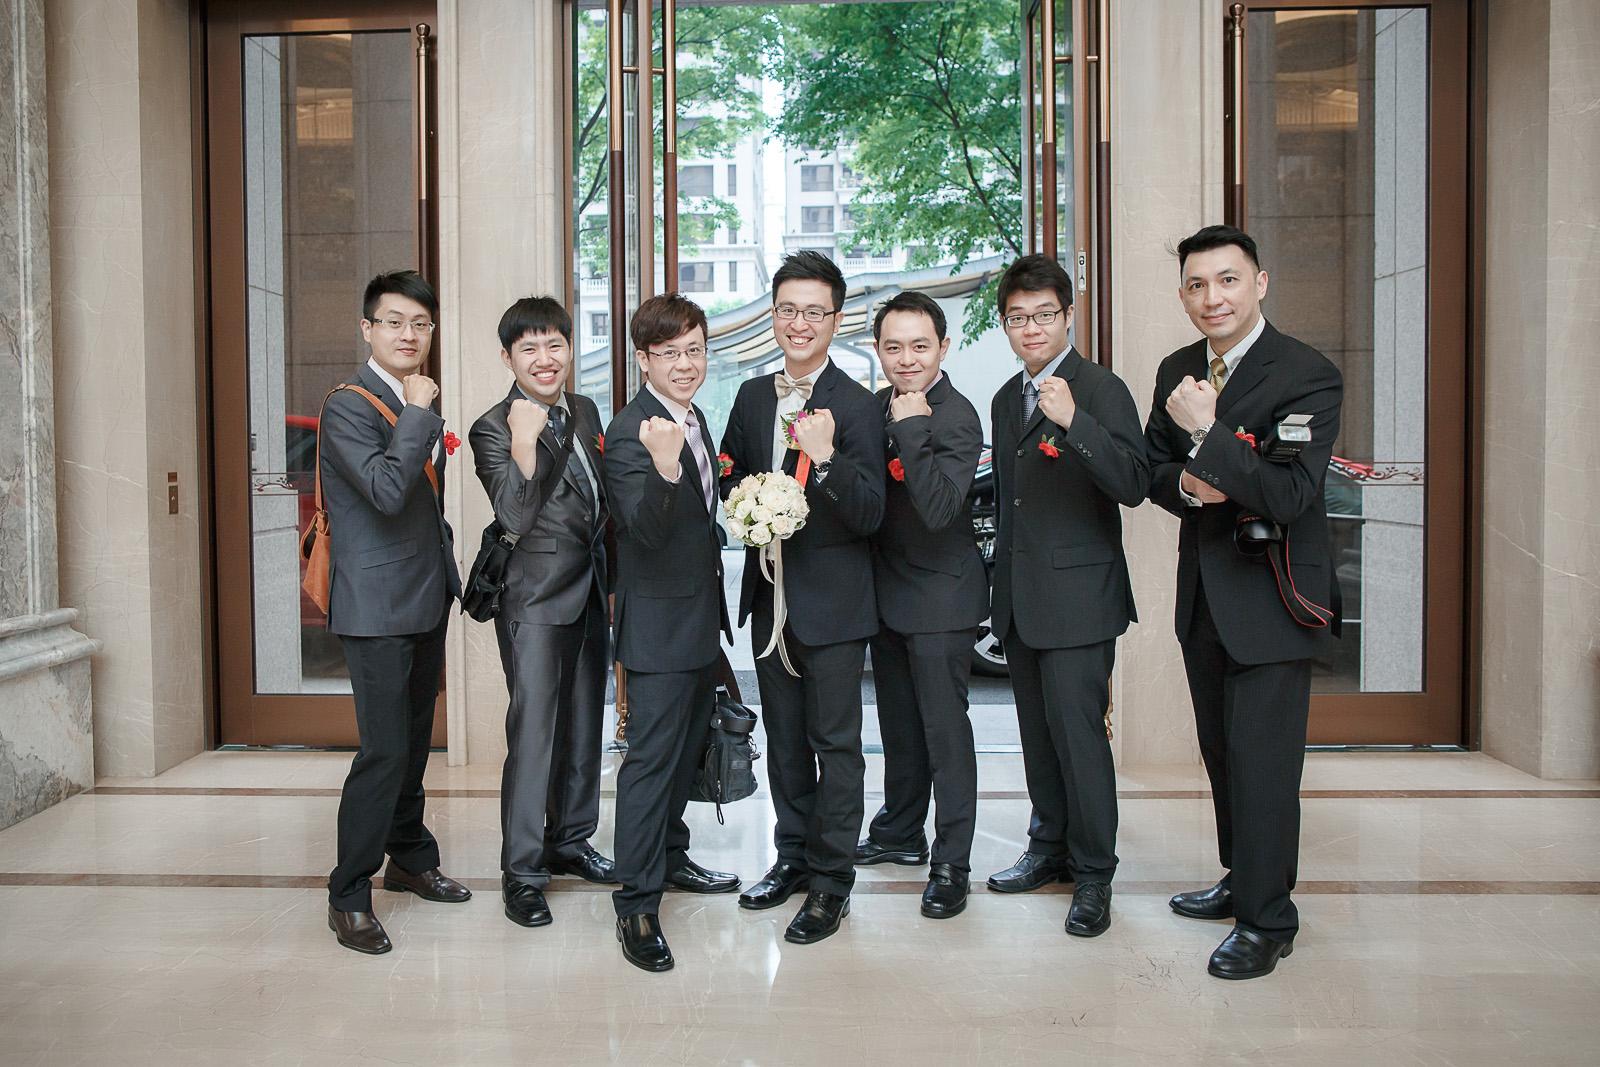 婚攝伊森,婚禮攝影,婚攝,閎信宴會廳,桃園婚攝,優質婚攝推薦